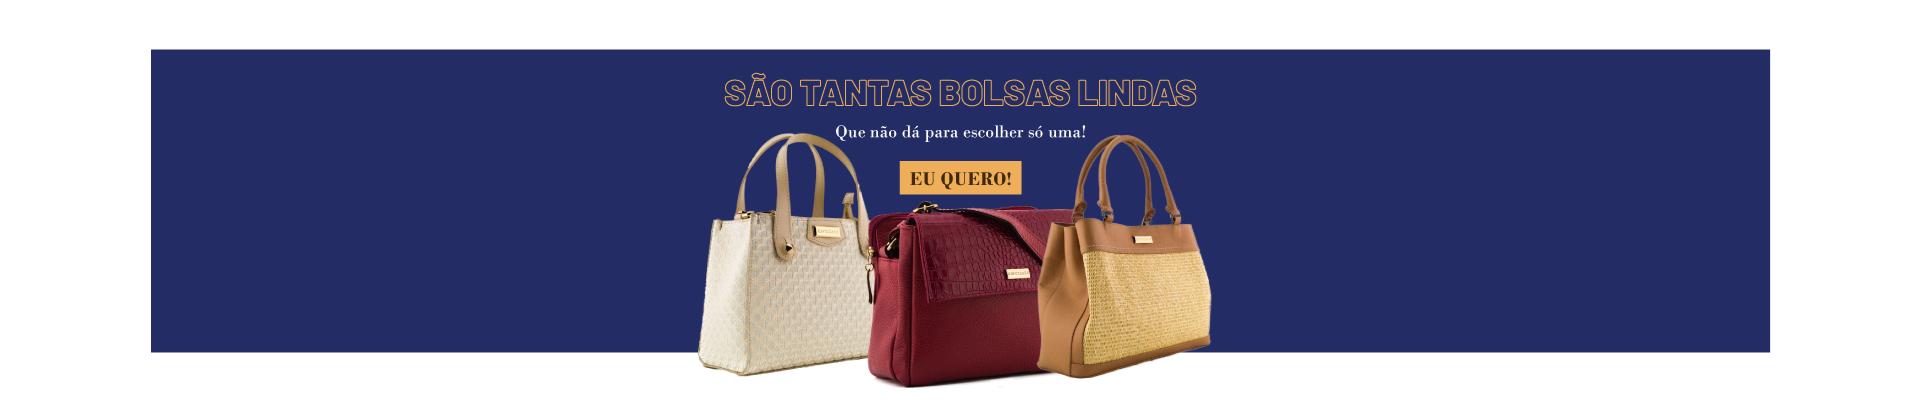 Bolsas Lindas